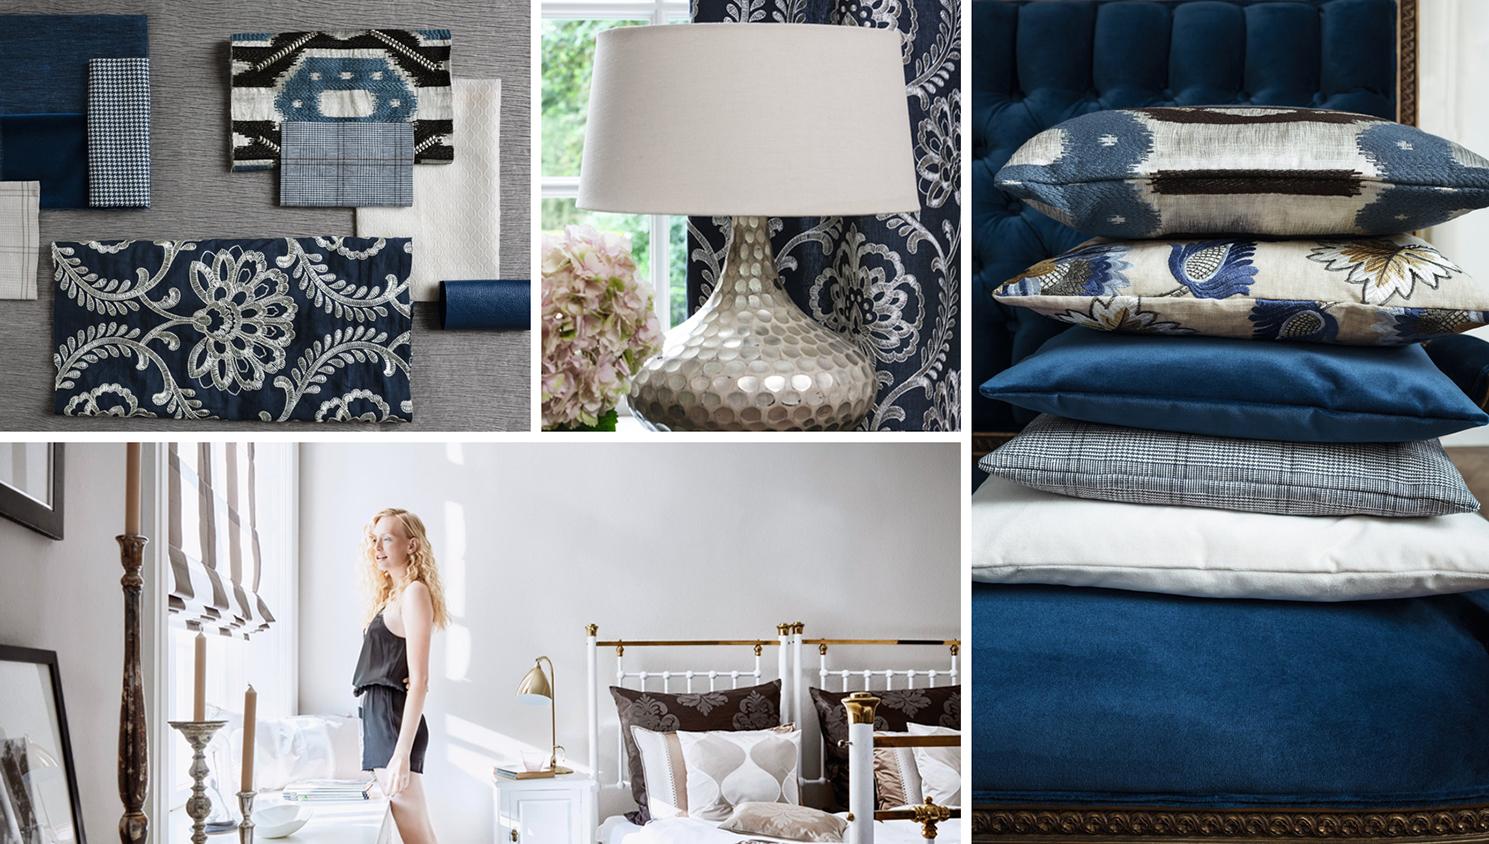 willkommen merwitz raumausstattung. Black Bedroom Furniture Sets. Home Design Ideas